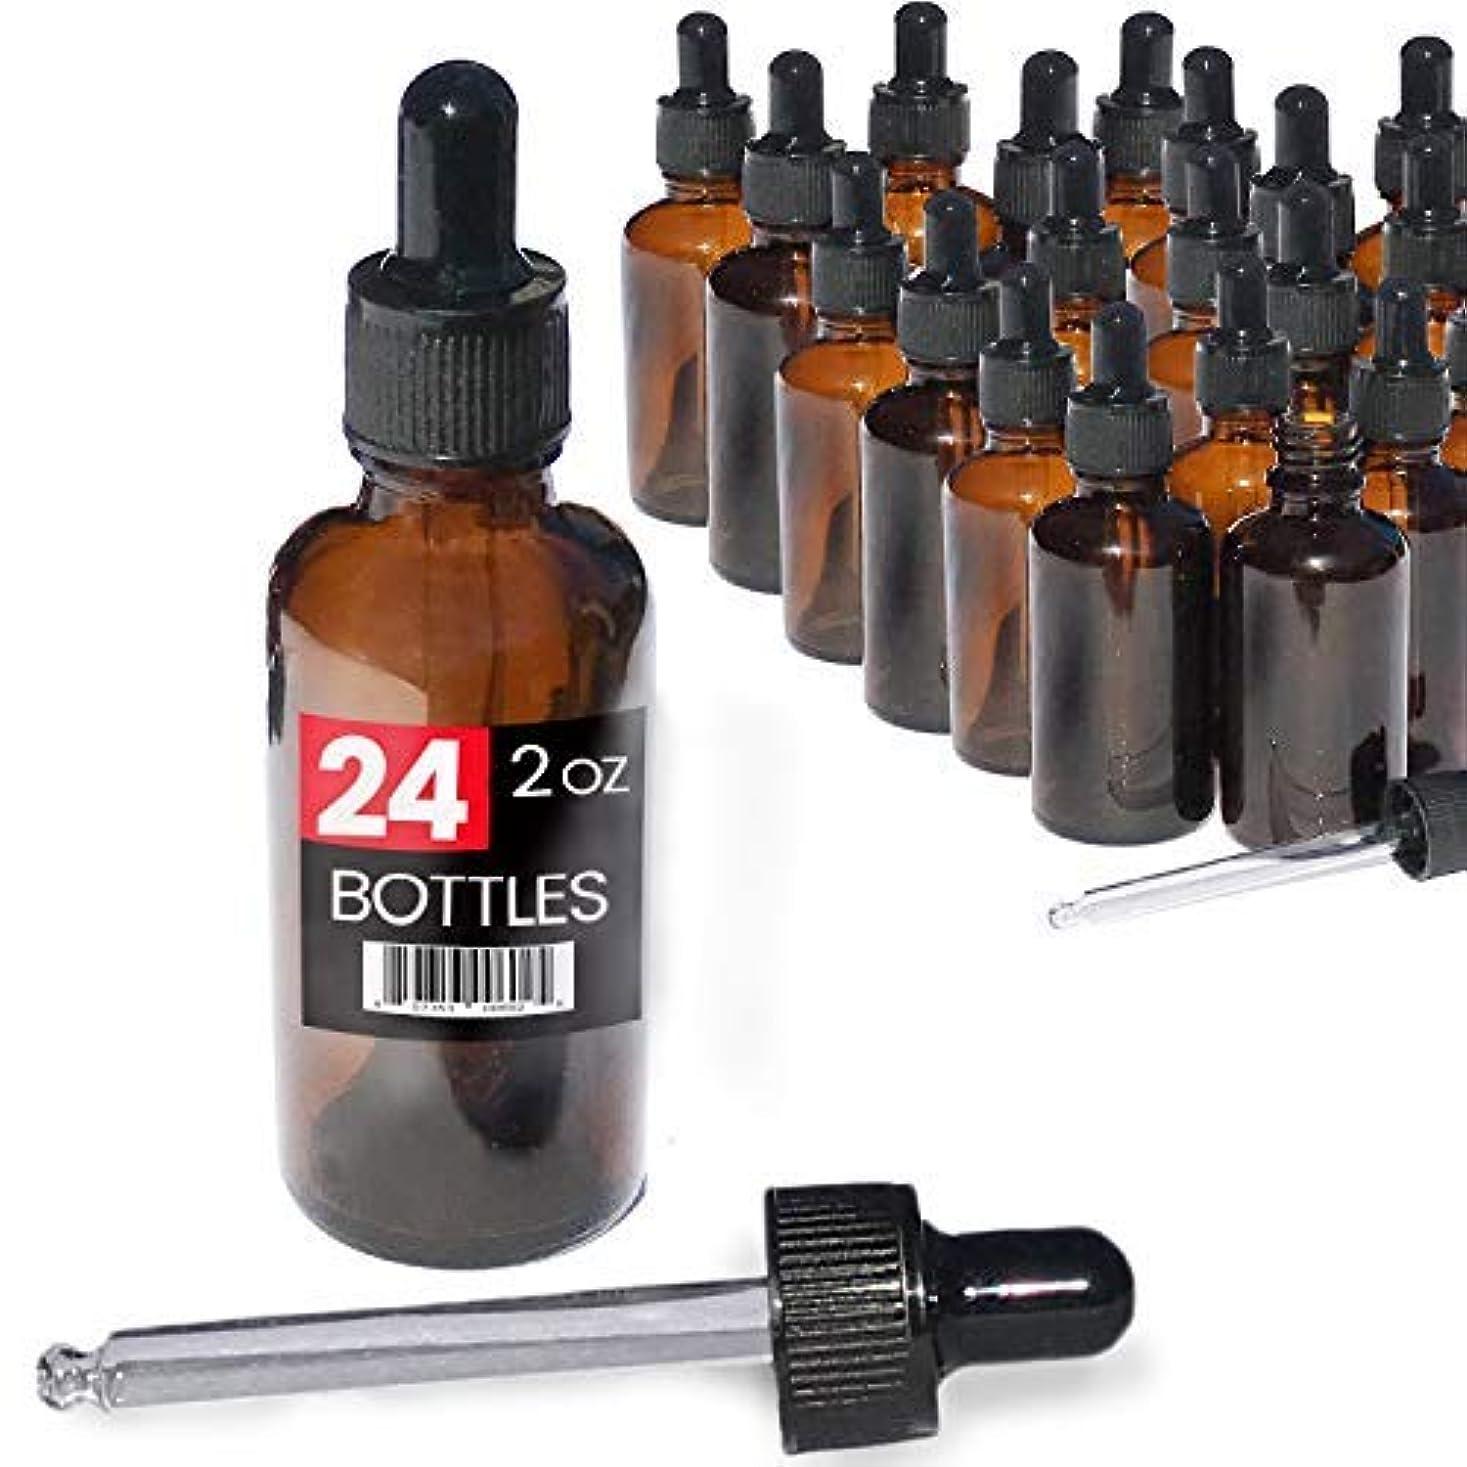 認可服を着る成熟2oz Premium Dropper Bottles (24 pack) - Great for Essential Oils - Amber 2 oz Glass - Glass Eye Dropper - Guaranteed...